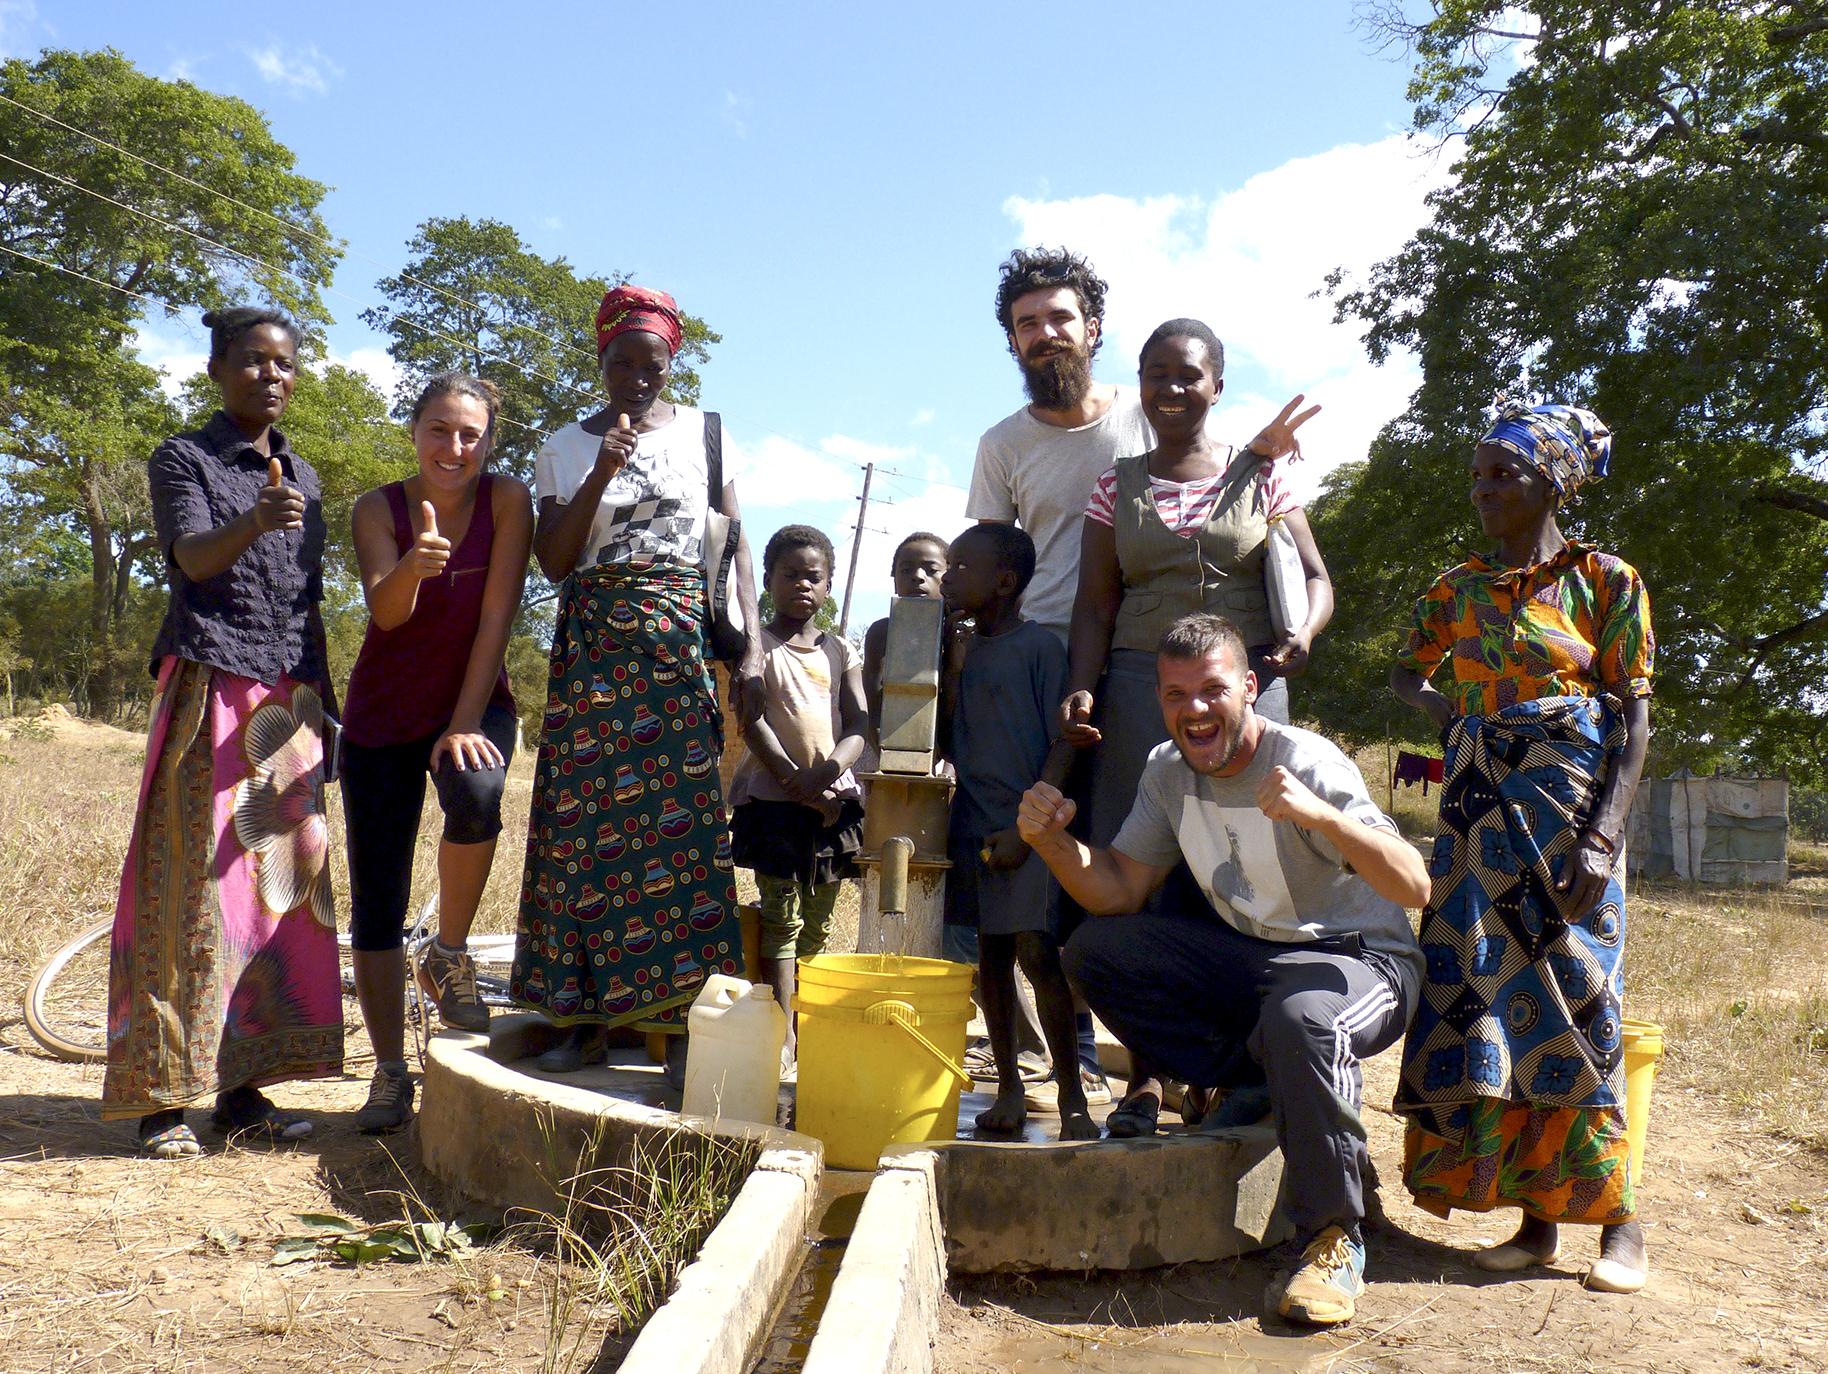 Aigua potable gràcies a la solidaritat ontinyentina El Periòdic d'Ontinyent - Noticies a Ontinyent